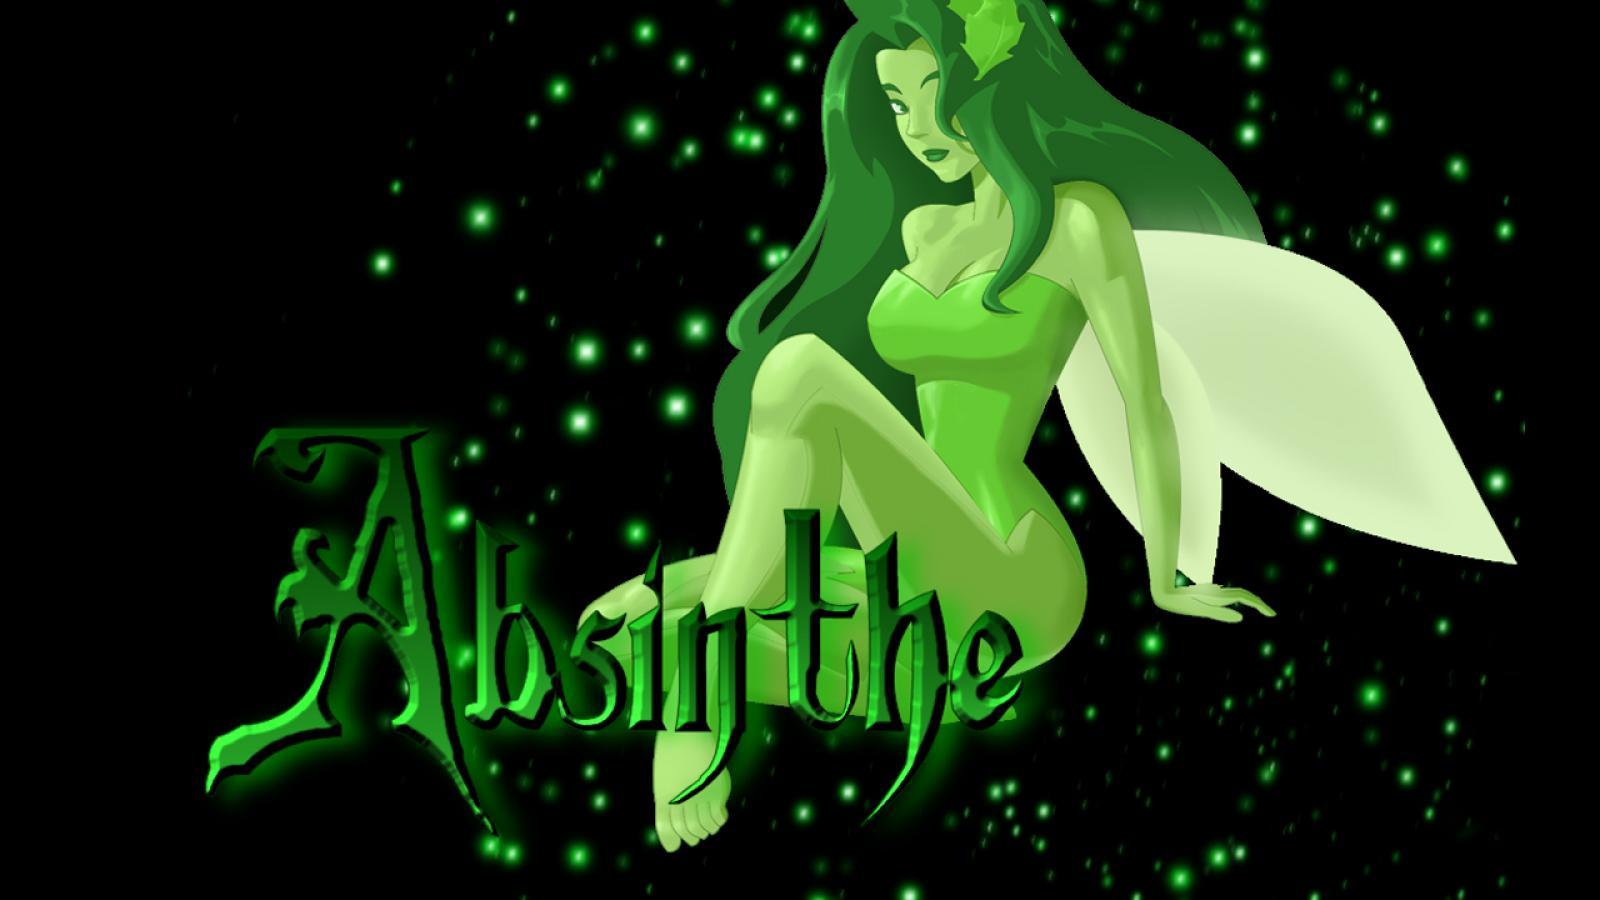 absinthe fairy HD 169 1280x720 1366x768 1600x900 1920x1080 1600x900